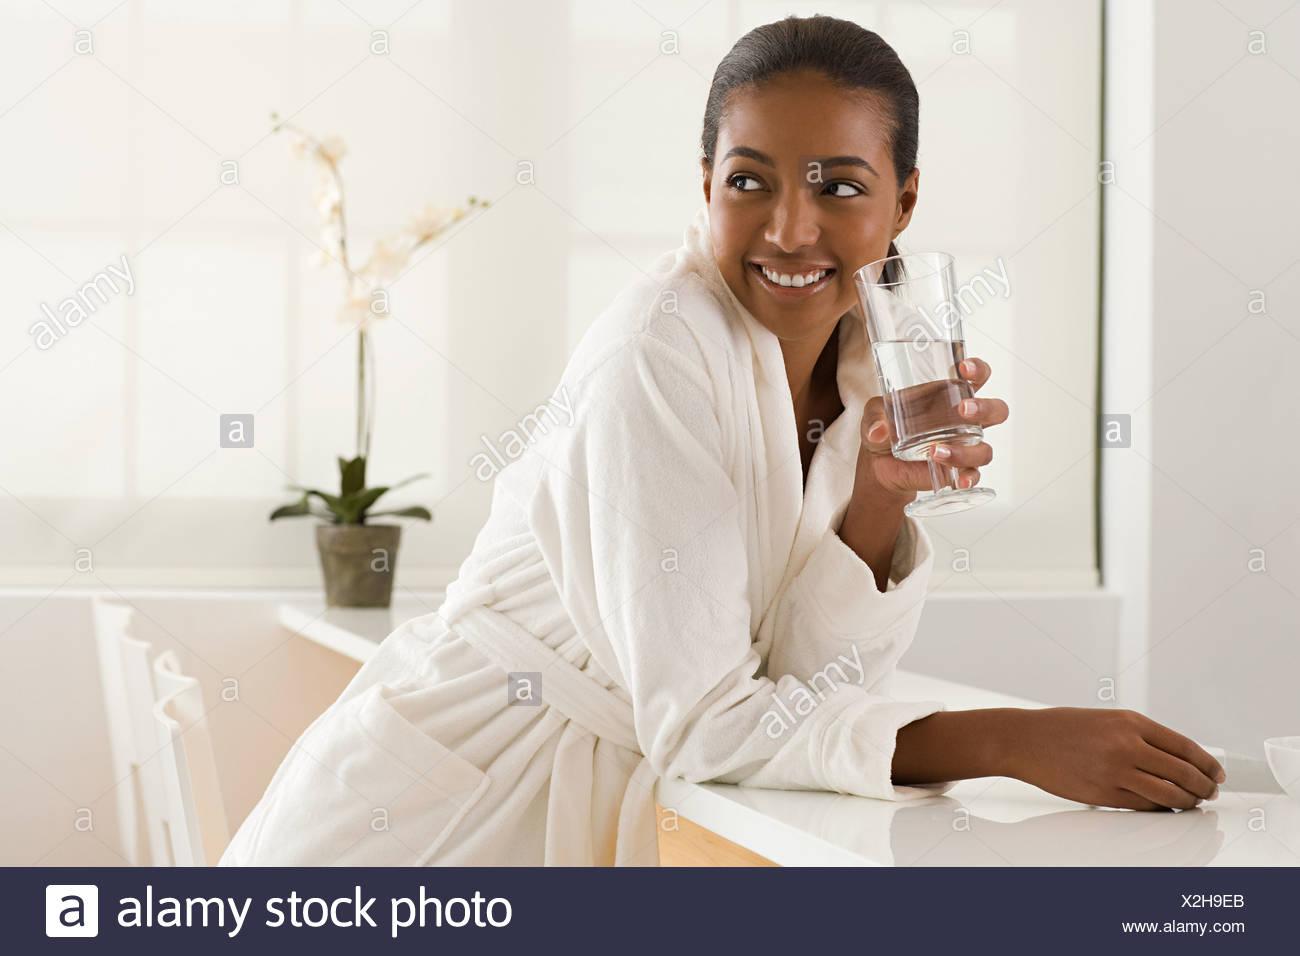 Woman at health spa - Stock Image